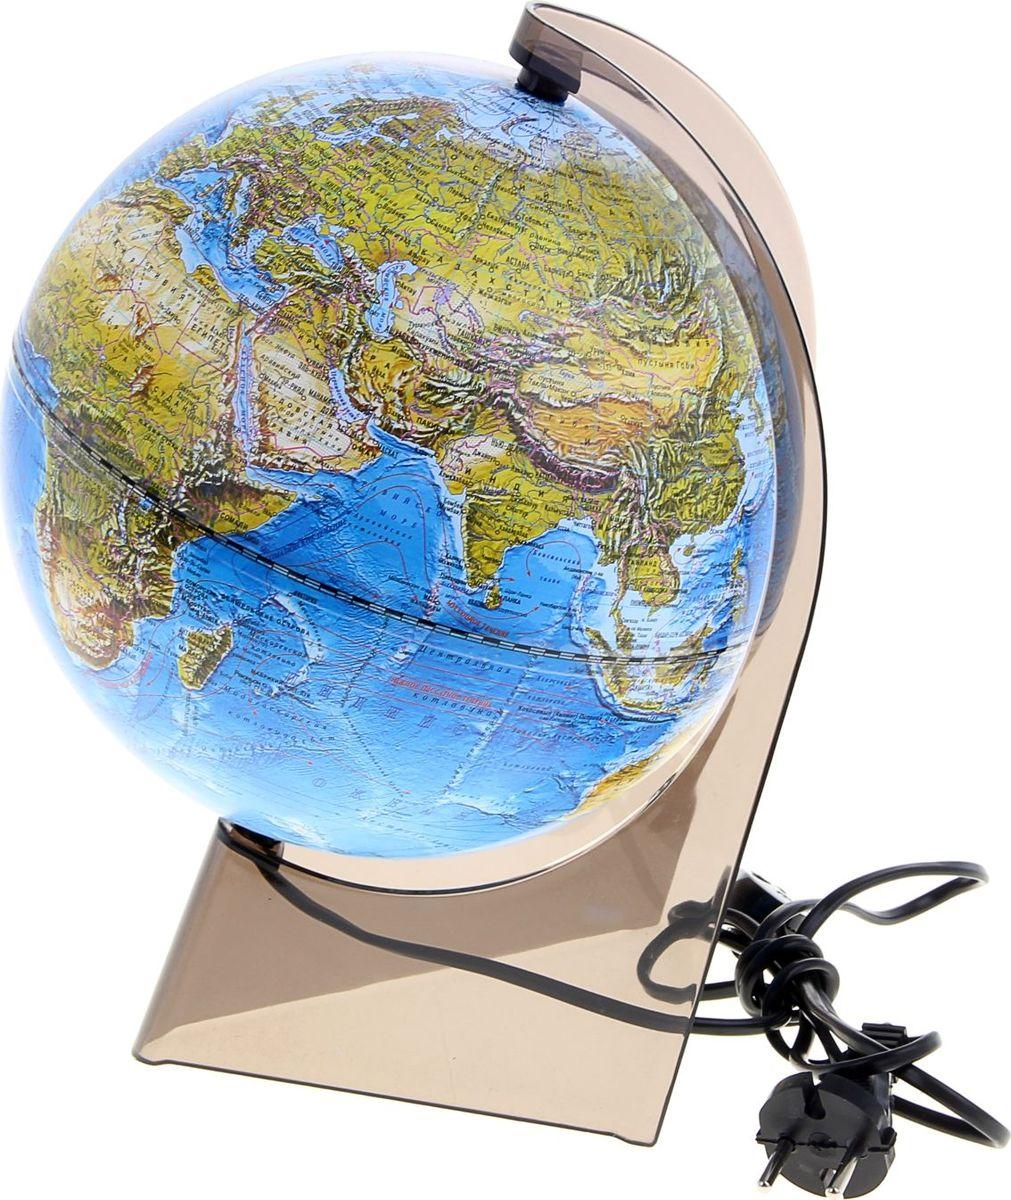 Глобусный мир Глобус ландшафтный с подсветкой диаметр 21 см1077867Глобус для всех, глобус каждому! Глобус — самый простой способ привить ребенку любовь к географии. Он является отличным наглядным примером, который способен в игровой доступной и понятной форме объяснить понятия о планете Земля. Также интерес к глобусам проявляют не только детки, но и взрослые. Для многих уменьшенная копия планеты заменяет атлас мира из-за своей доступности и универсальности. Умный подарок! Кому принято дарить глобусы? Всем! Глобус ландшафтный диаметр 210 мм, на треугольной подставке, с подсветкой — это уменьшенная копия земного шара, в которой каждый найдет для себя что-то свое. путешественники и заядлые туристы смогут отмечать с помощью стикеров те места, в которых побывали или собираются их посетить деловые и успешные люди оценят такой подарок по достоинству, потому что глобус ассоциируется со статусом и властью преподаватели, ученые, студенты или просто неординарные личности также найдут для глобуса достойное место в своем доме. ...